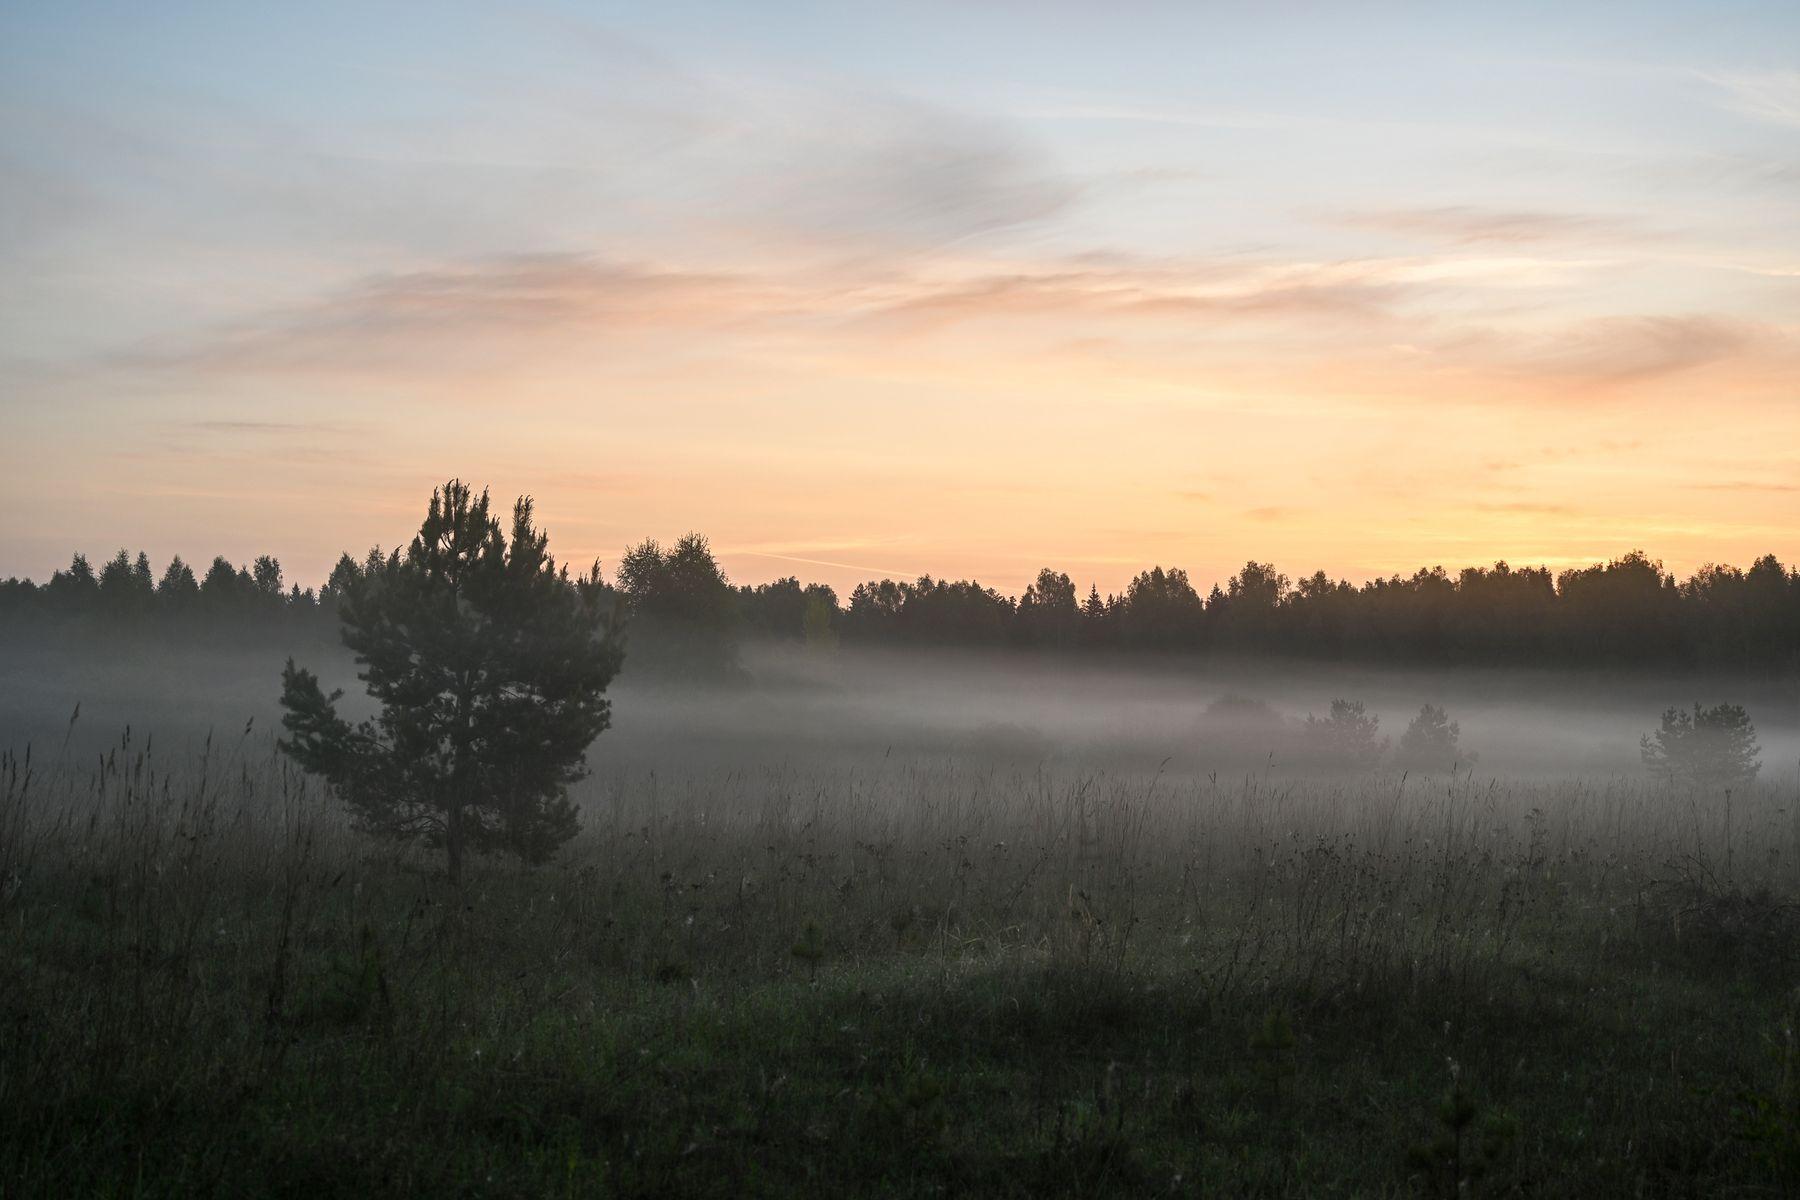 Предрассветные сумерки середины мая утро туман лес дерево